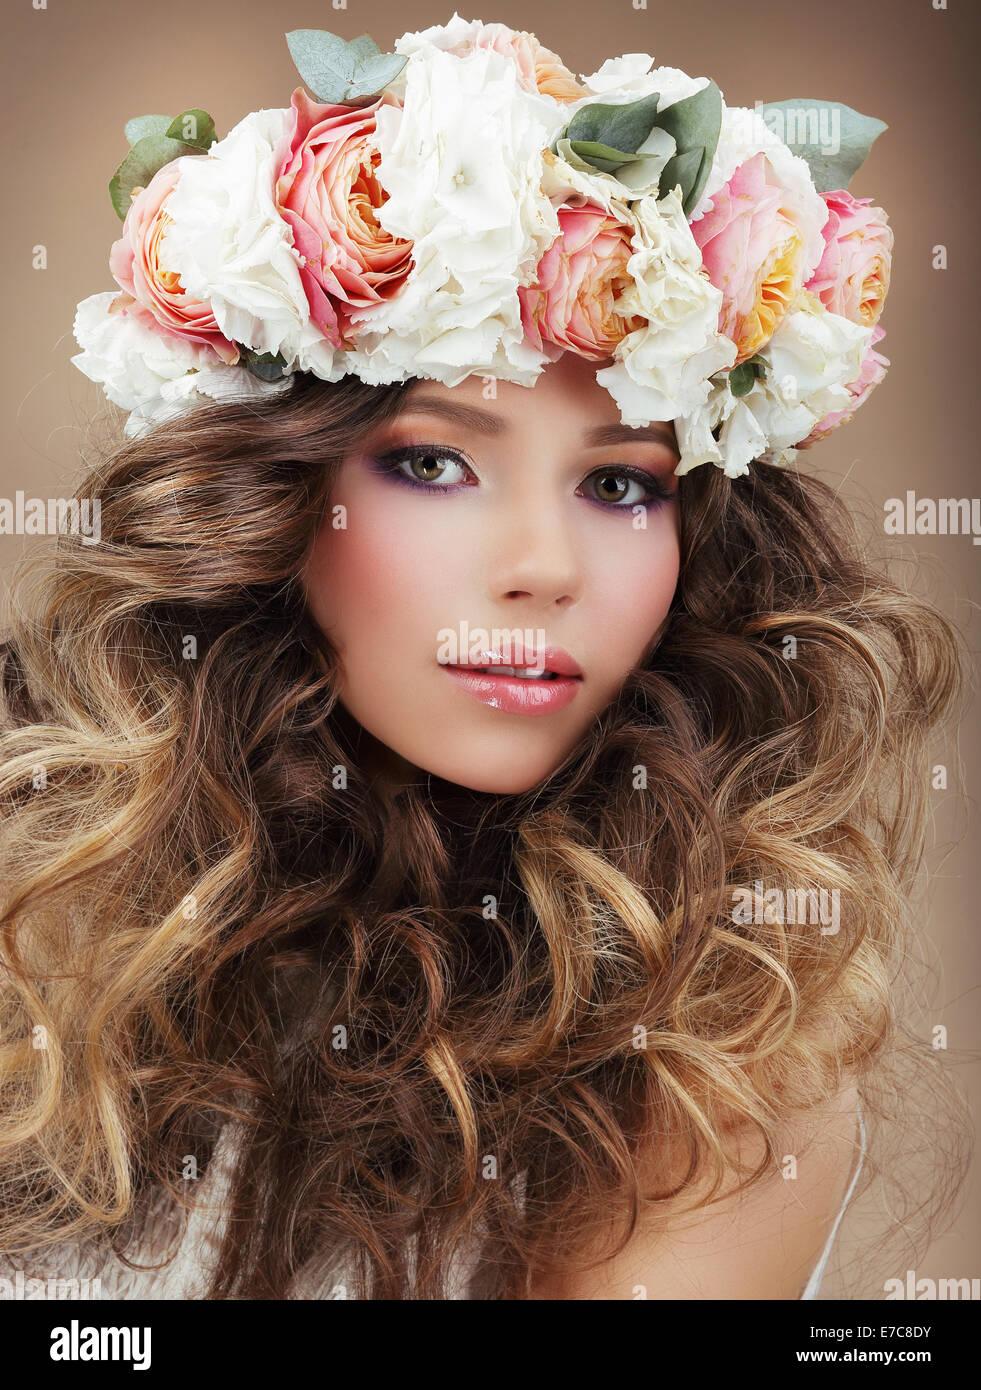 Romantische Frau in Kranz von Blumen mit perfekter Haut und krauses Haar Stockbild